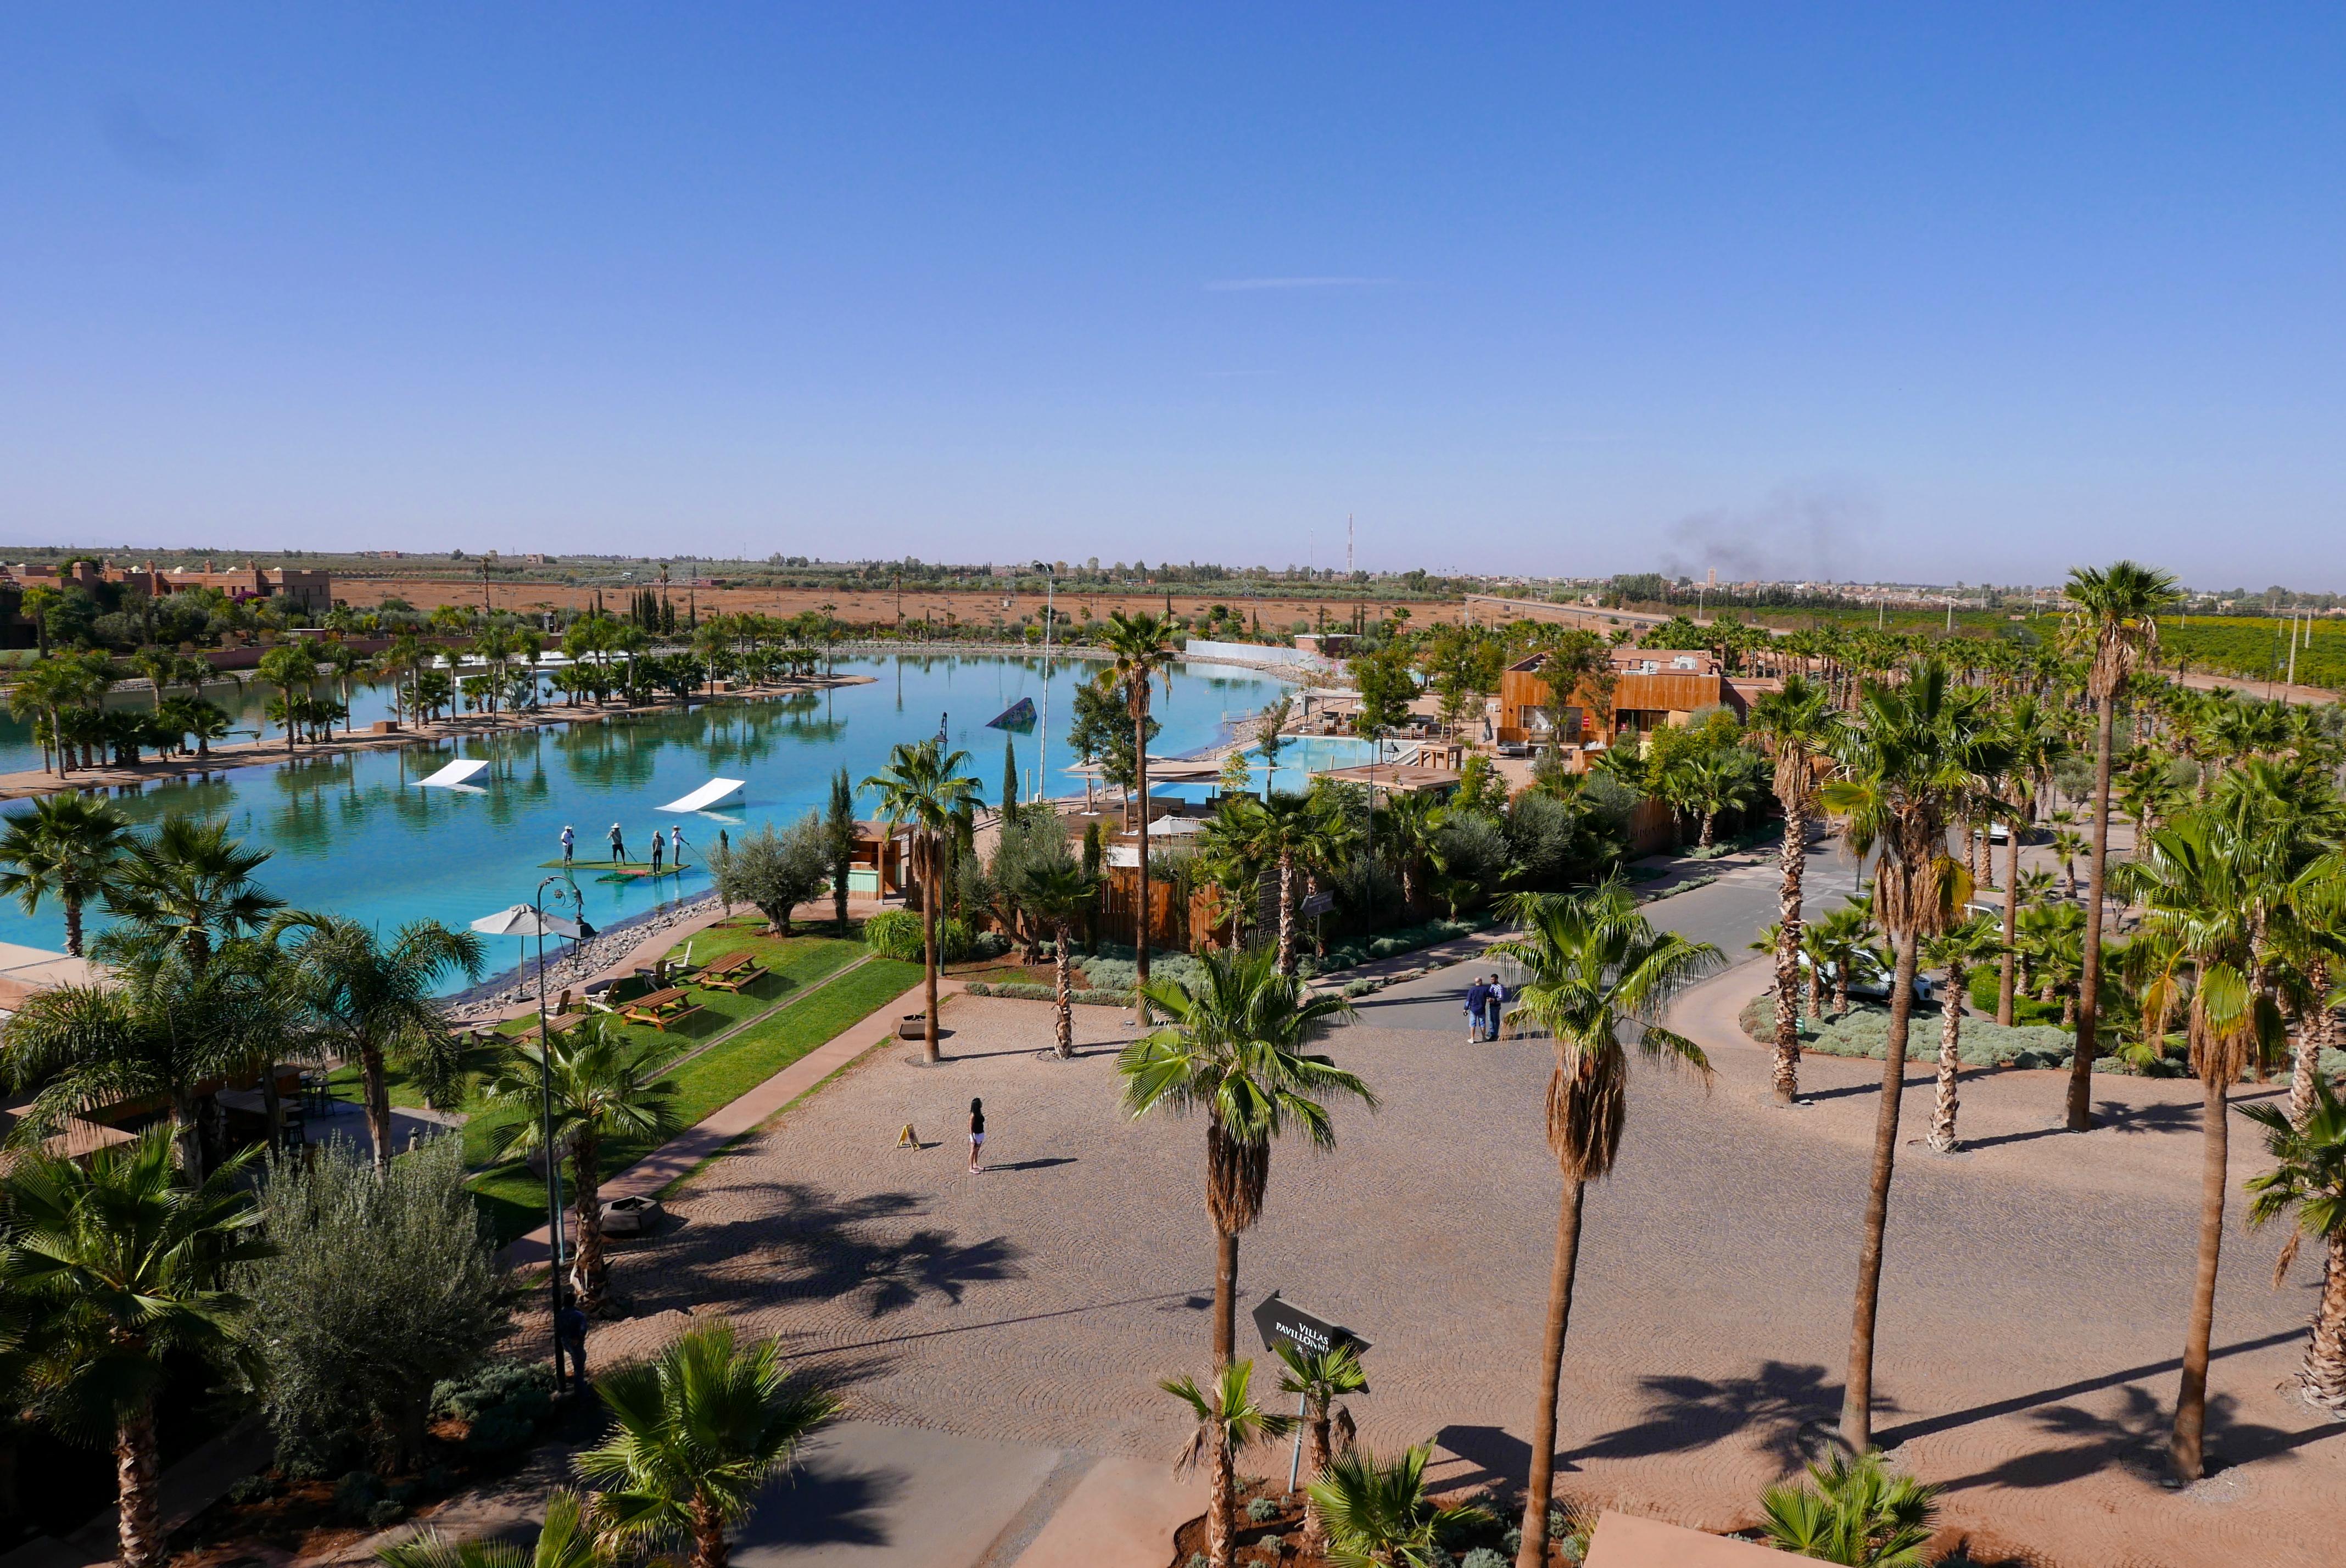 Lago artificial + piscina + restaurantes fazem parte do complexo esportivo que ainda inclui um condomínio residencial